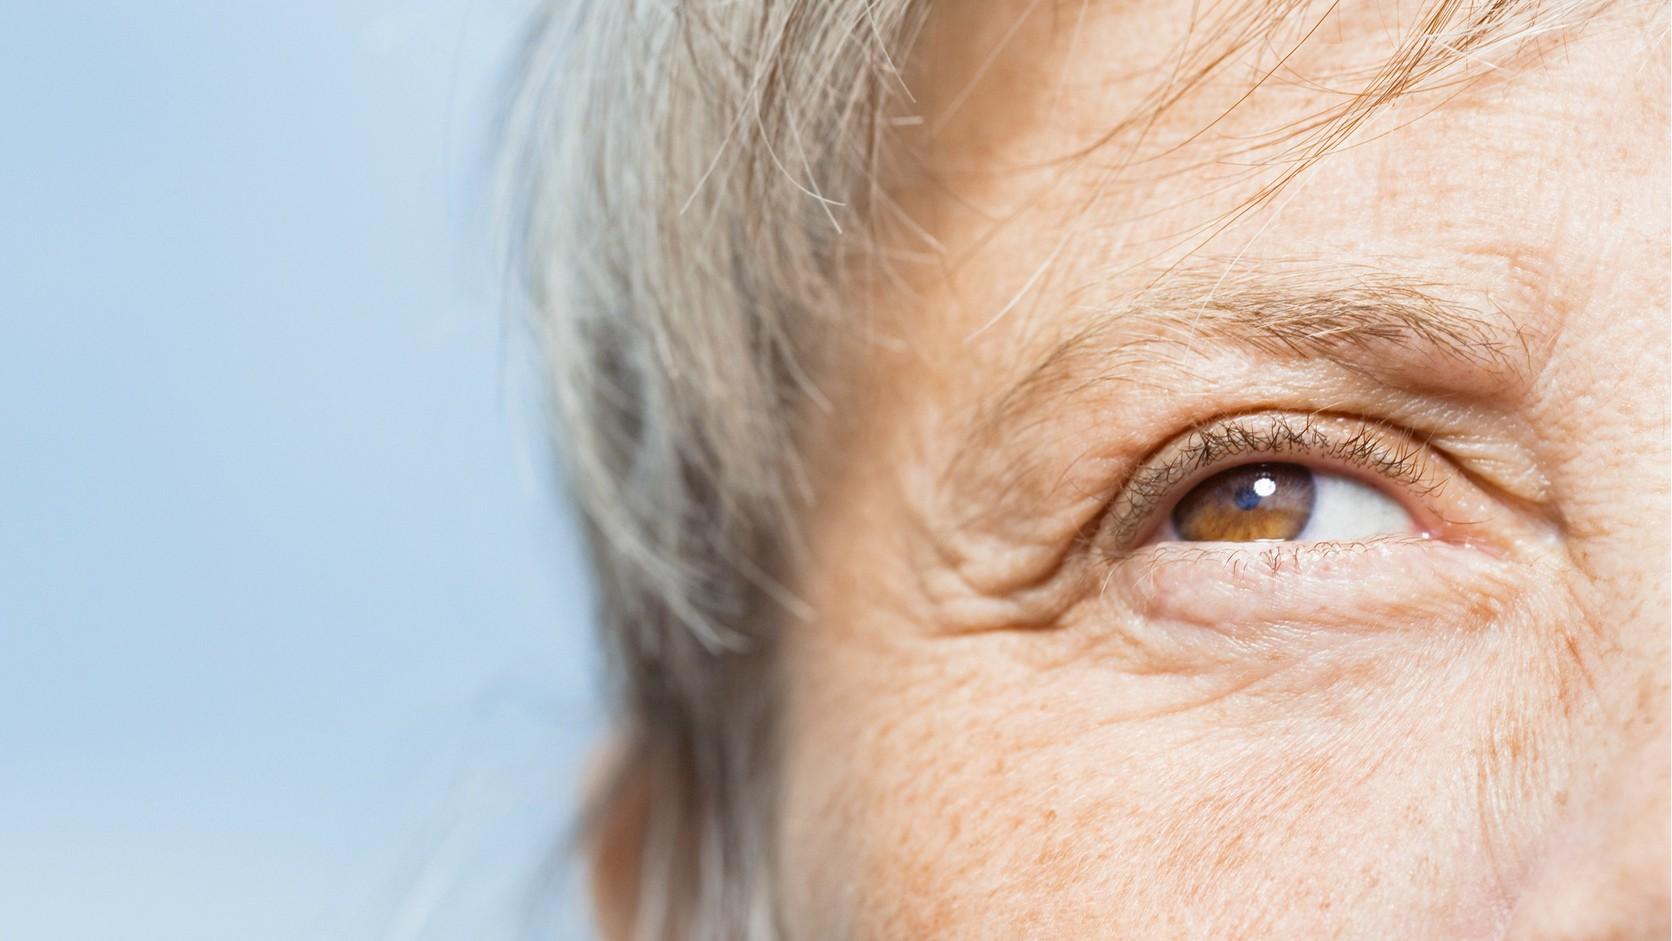 Szembetegségek 60 éves kor felett 6 tipp segíthetnek megelőzésben ed031dea0a